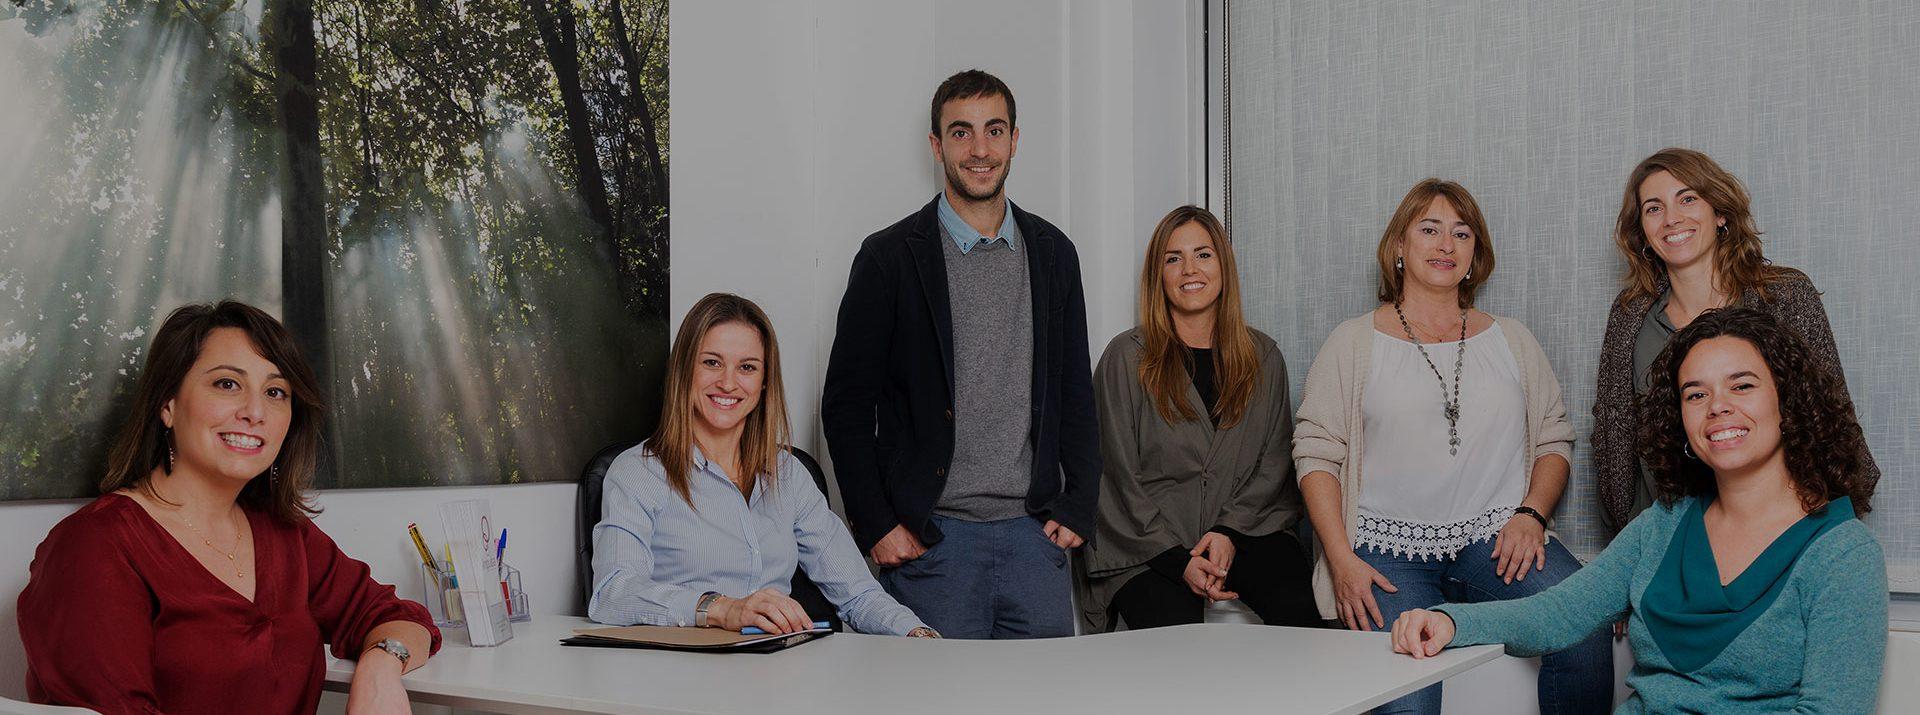 Equipo del centro de psicólogos Impulsa de Barcelona